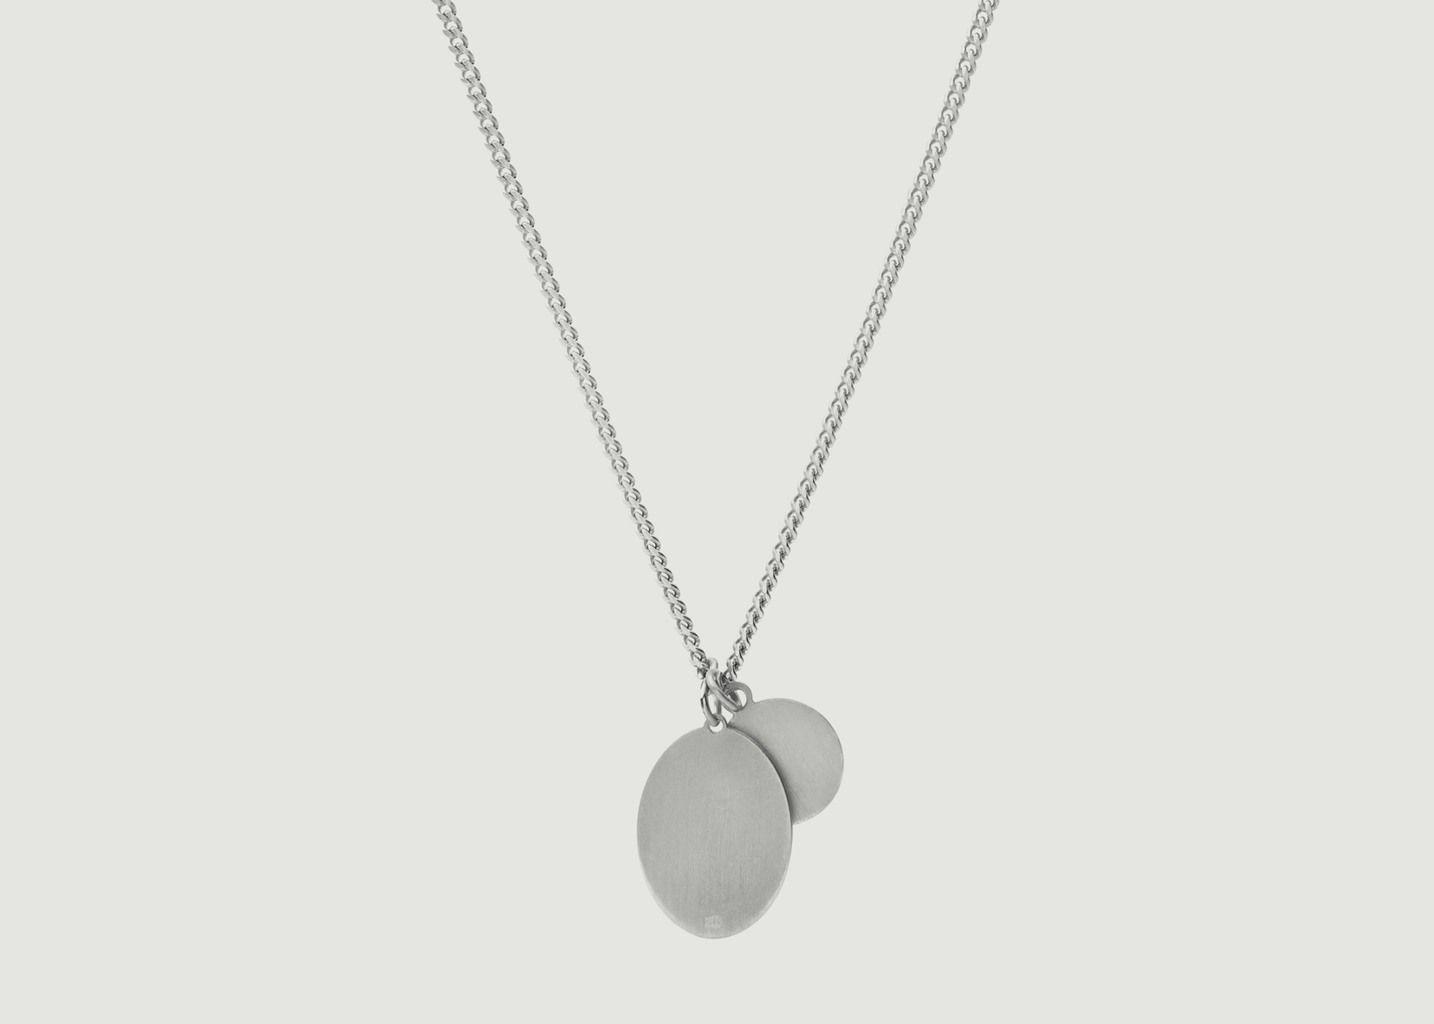 Collier Mini Dove - Miansai